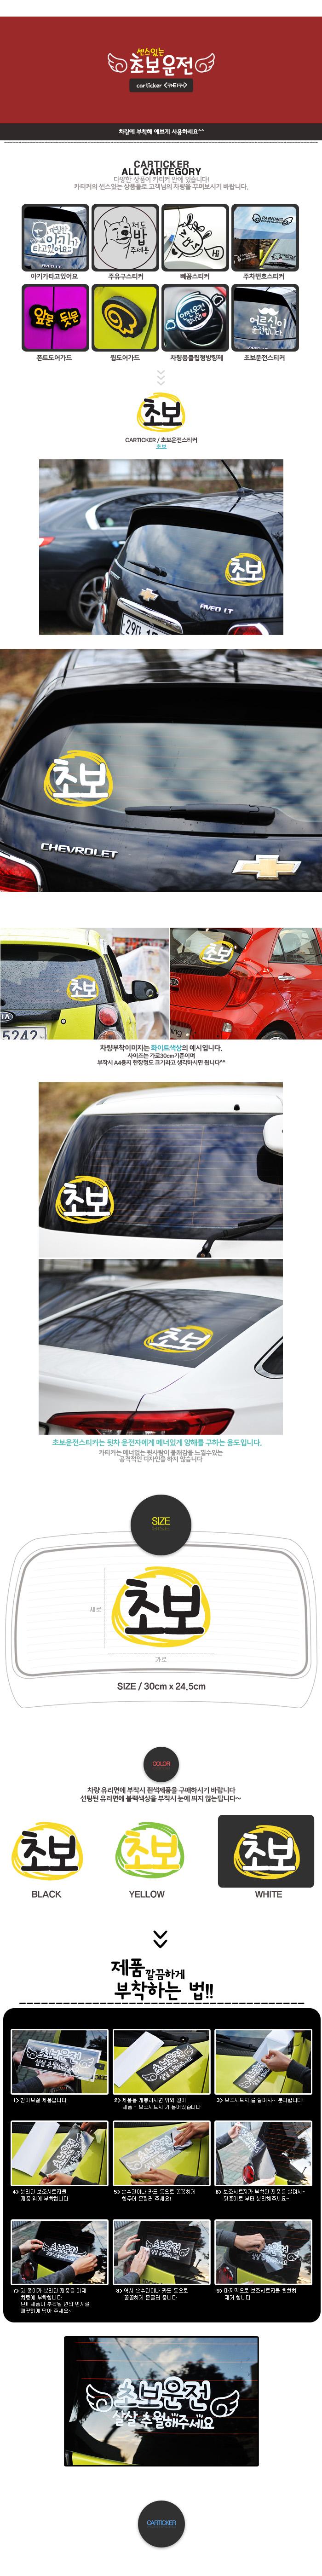 초보 - 초보운전스티커(NEW162) - 카티커, 3,520원, 자동차 스티커, 초보운전/아기탑승/주차 스티커